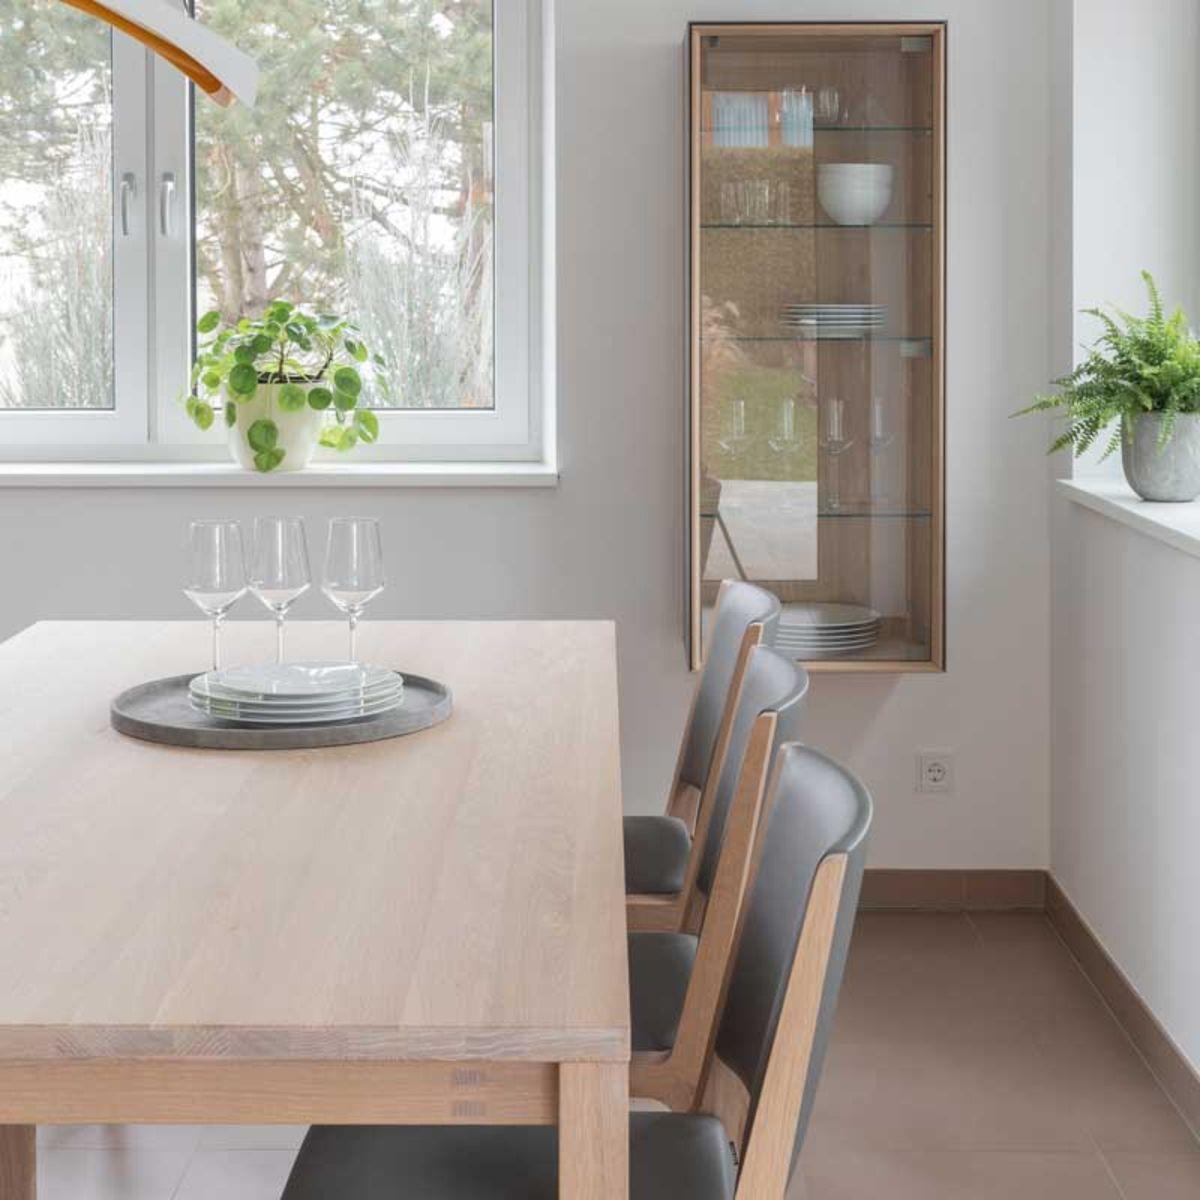 magnum Tisch mit eviva Stühlen in Eiche Weißöl von TEAM 7 Hamburg